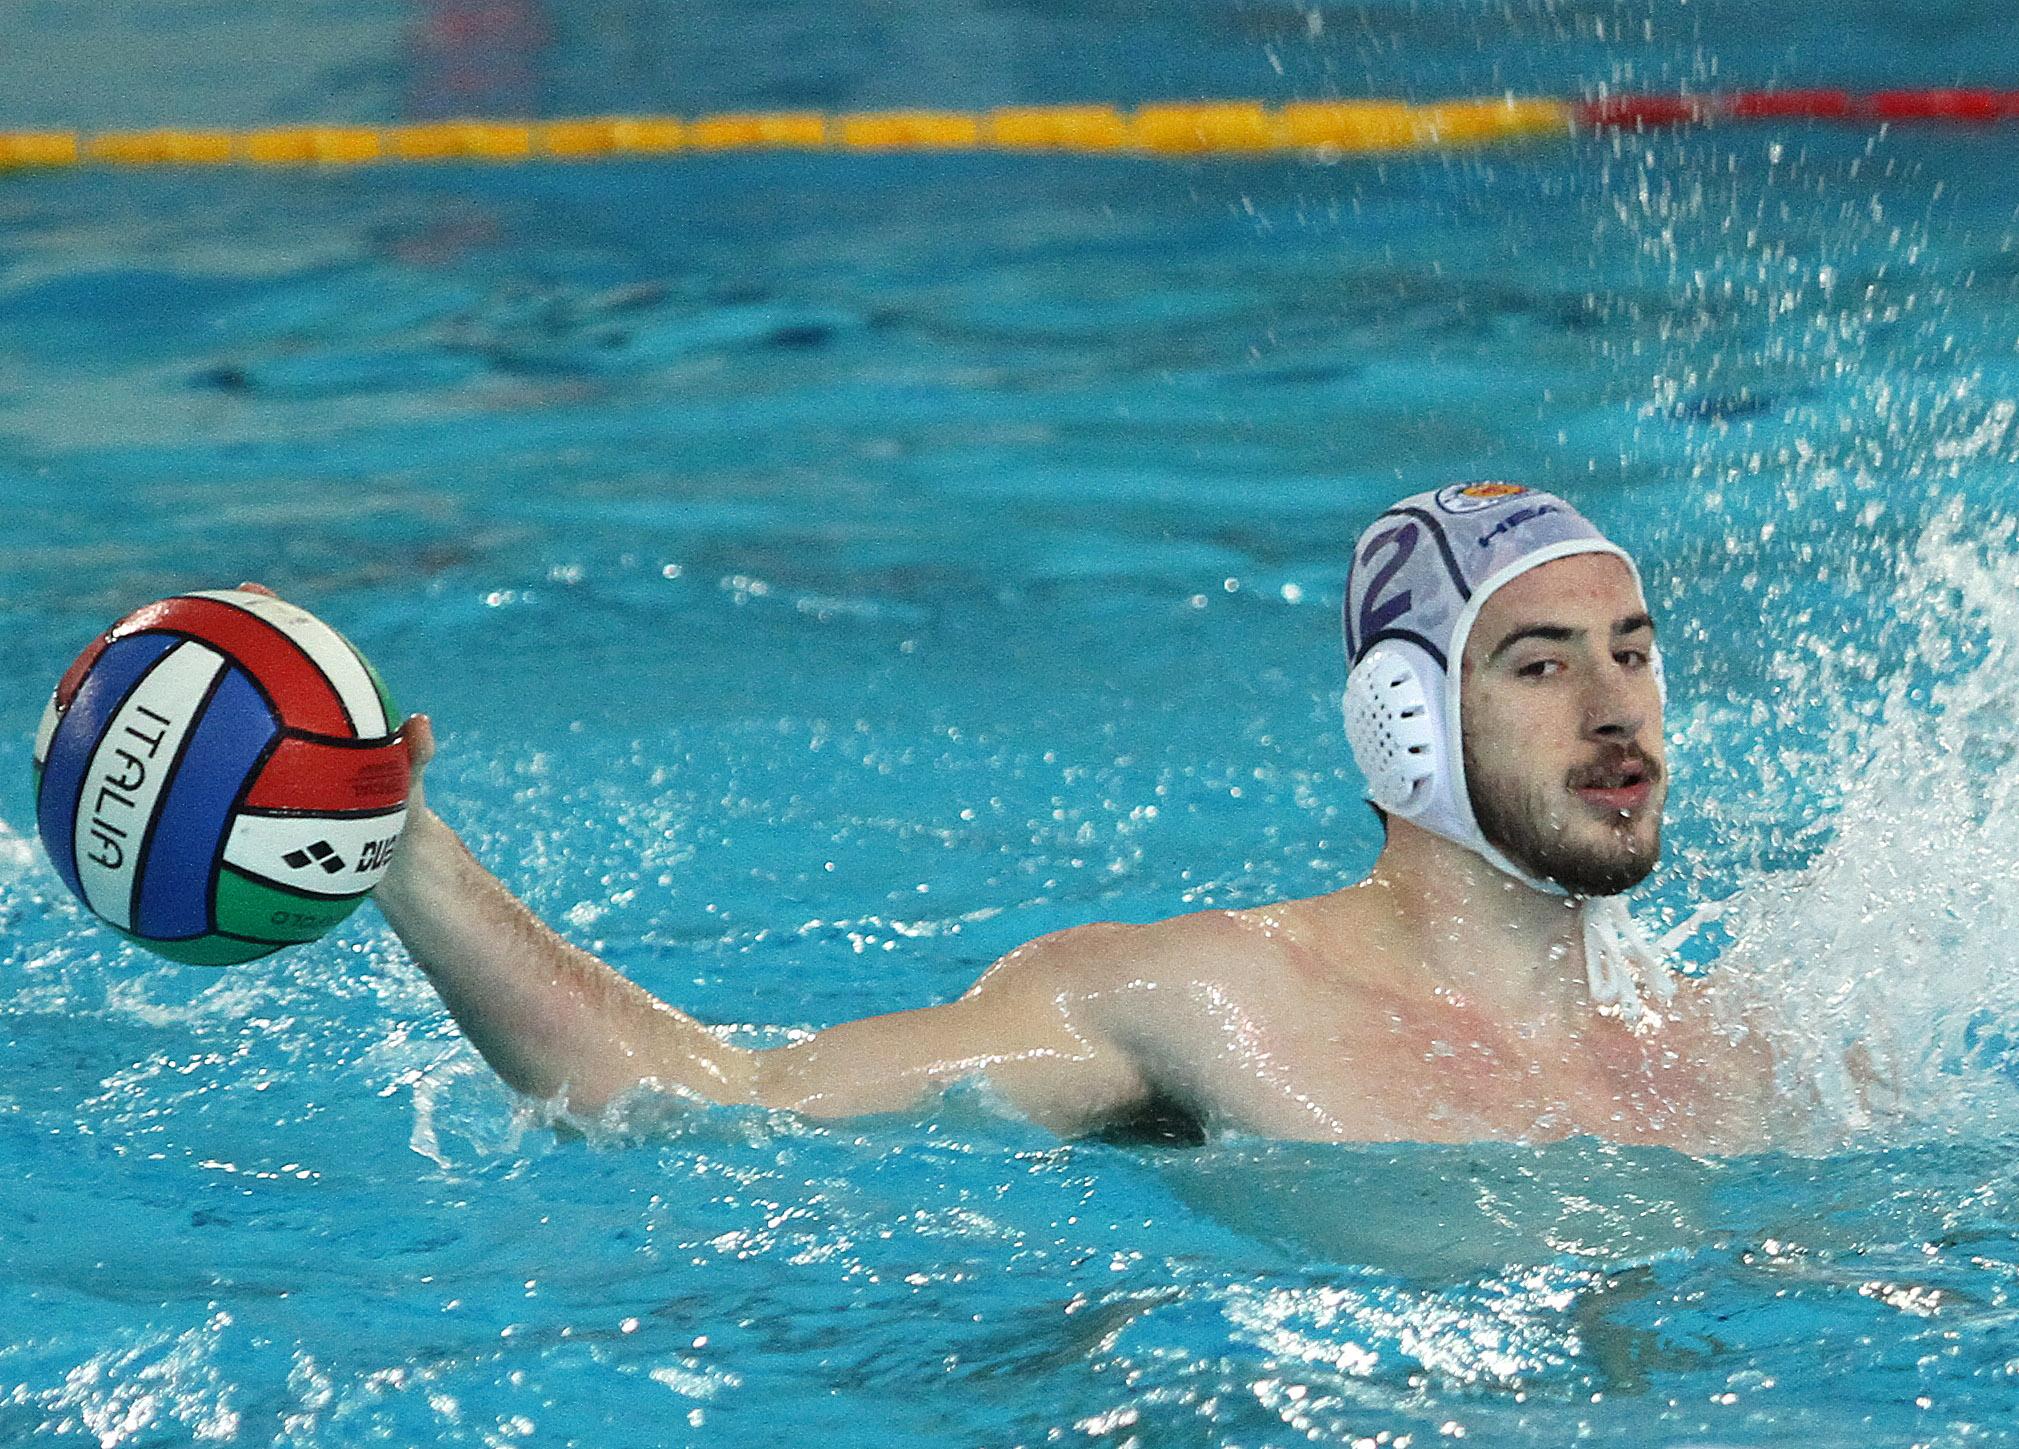 La pallanuoto trieste cade anche in liguria nella piscina for Piscina quinto genova